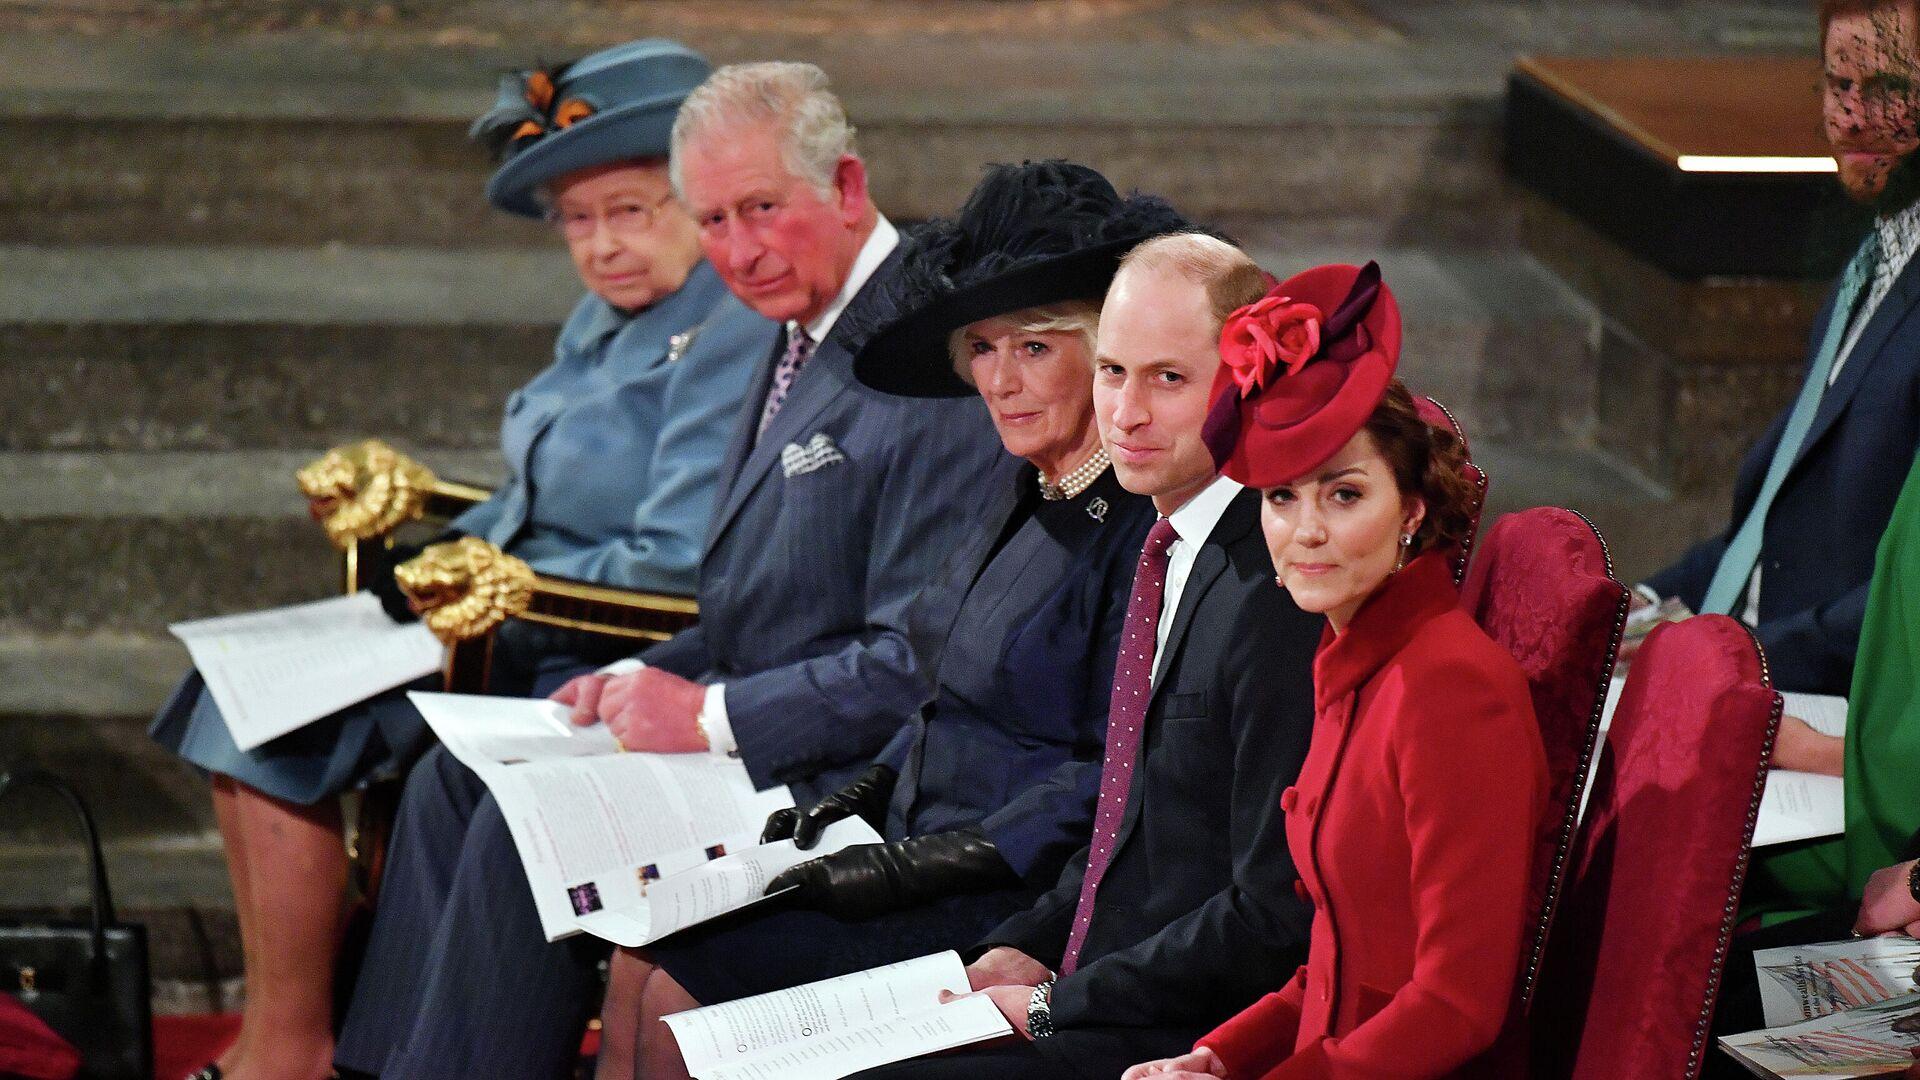 La reina Isabel II, el príncipe Carlos, Camilla, la duquesa de Cornwall, el príncipe William y  Kate Middleton, la duquesa de Cambridge - Sputnik Mundo, 1920, 09.03.2021